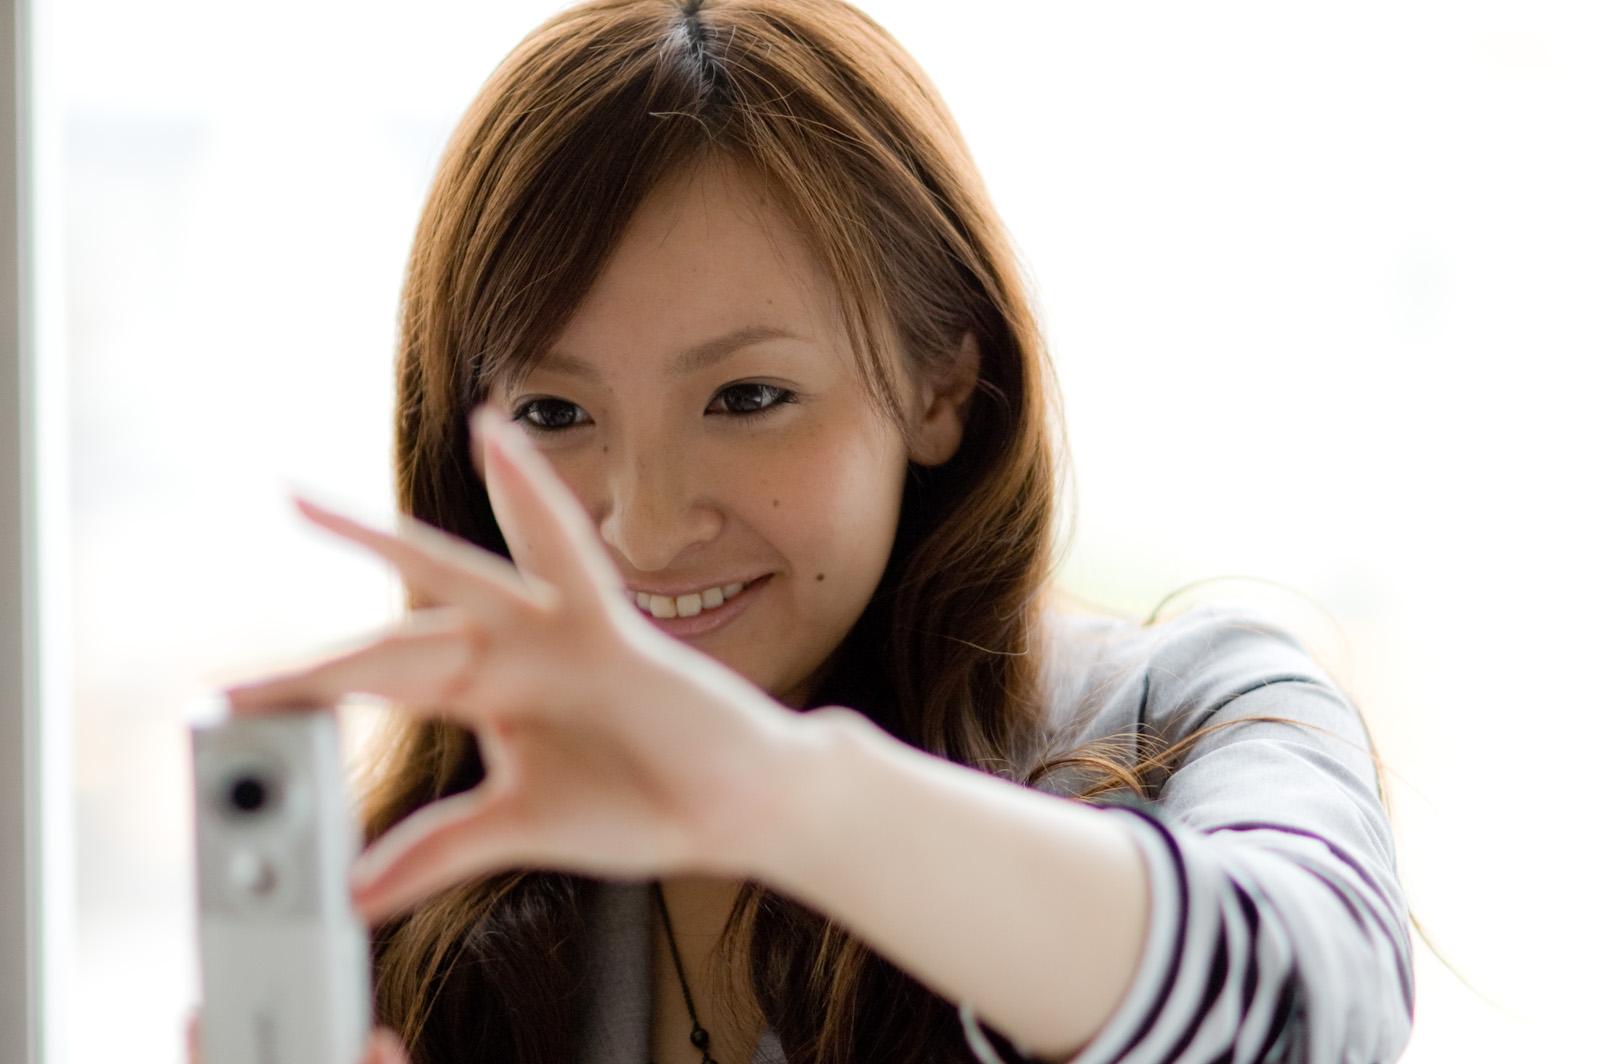 ブログの作り方:無料写真を使おう!編